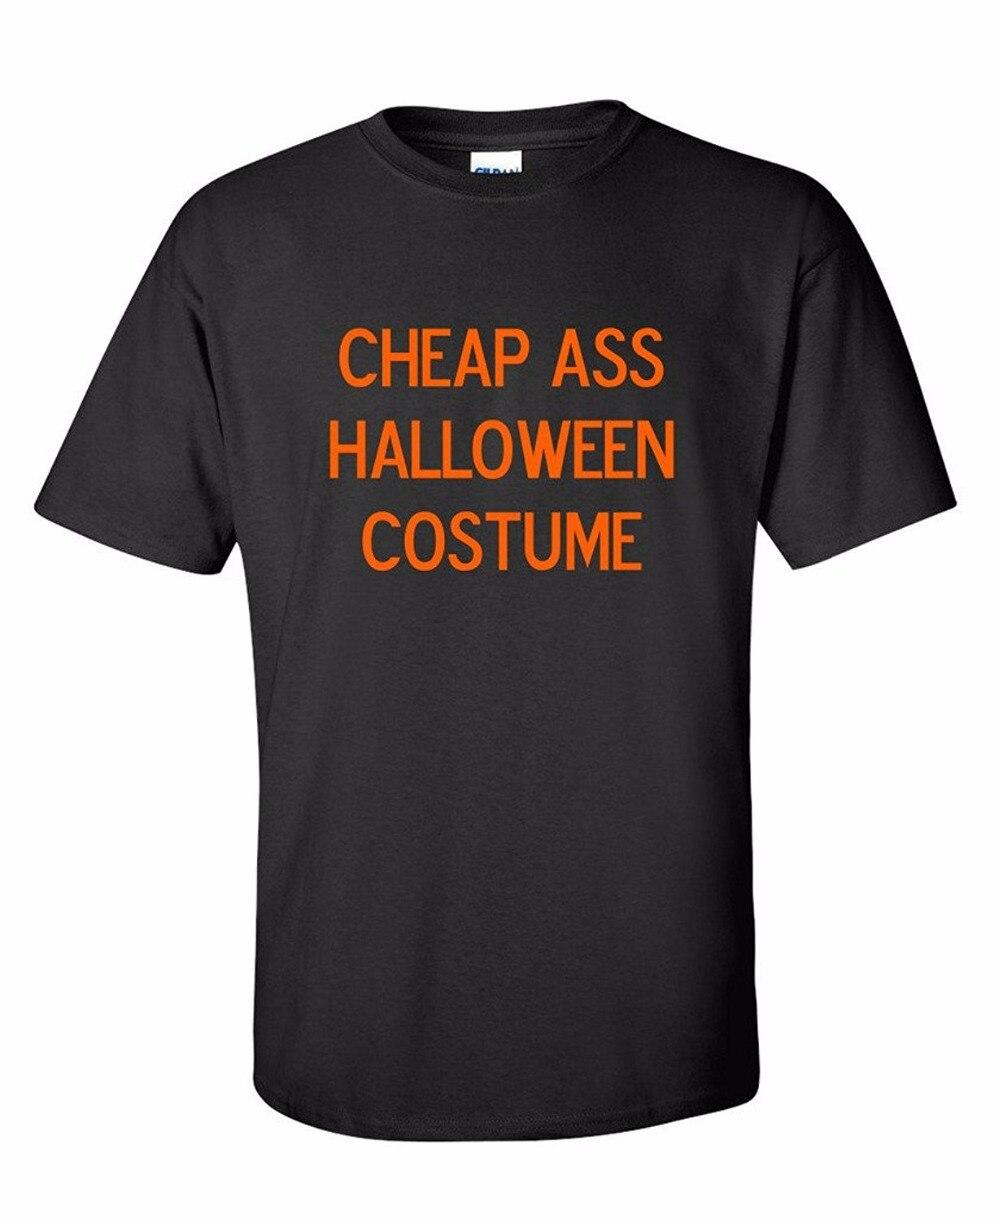 Cheap ass halloween costume — 3